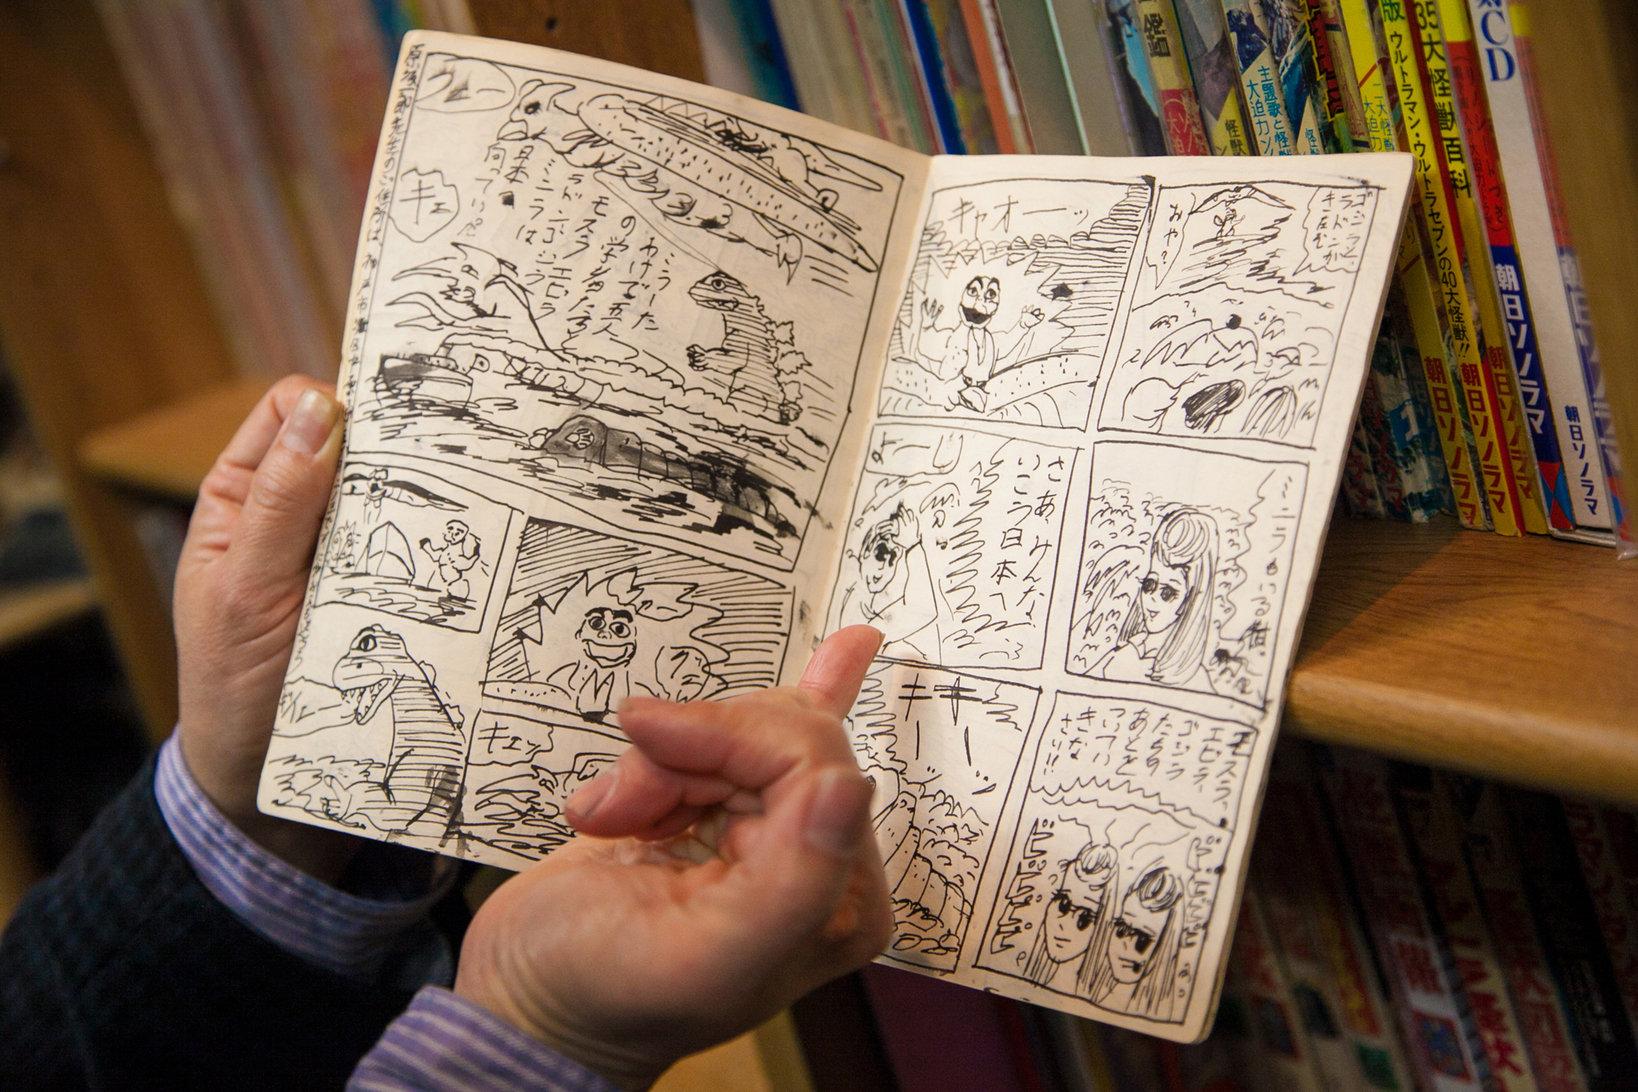 原坂さんが小学校時代に書いた怪獣漫画。怪獣の描き方は躍動感があり、小学生とは思えない完成度でした